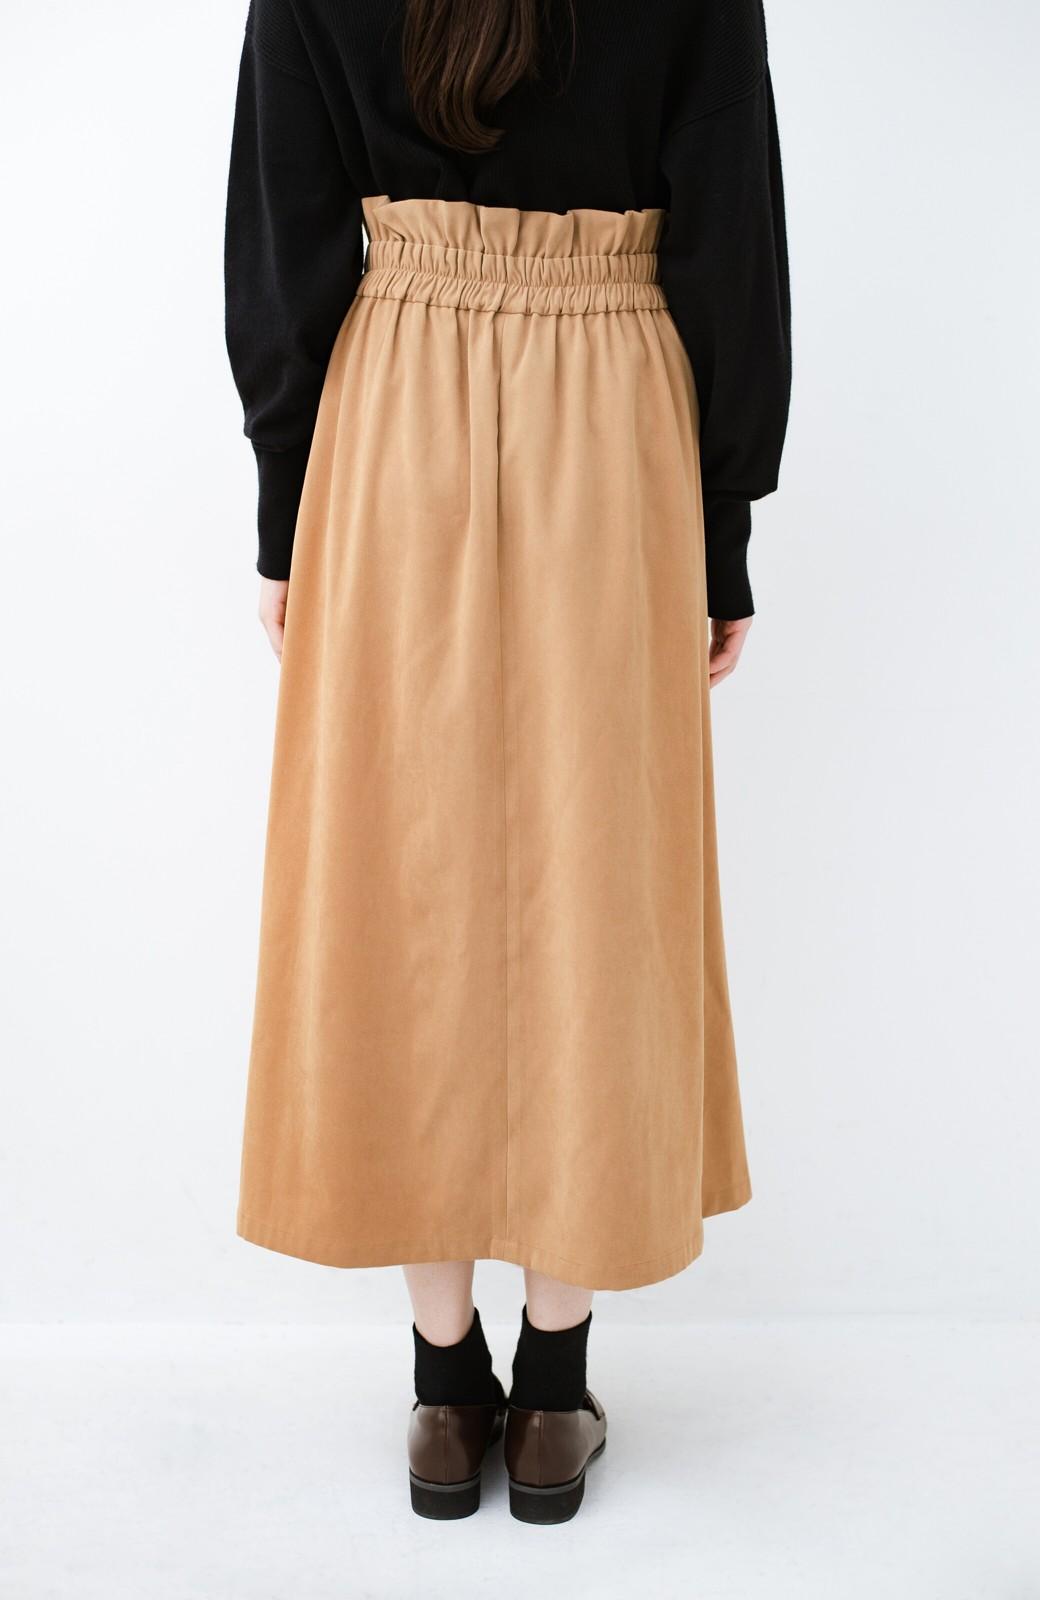 haco! 楽ちんなのにきれい見せが叶う ボタンがポイントの大人スカート <ベージュ>の商品写真8